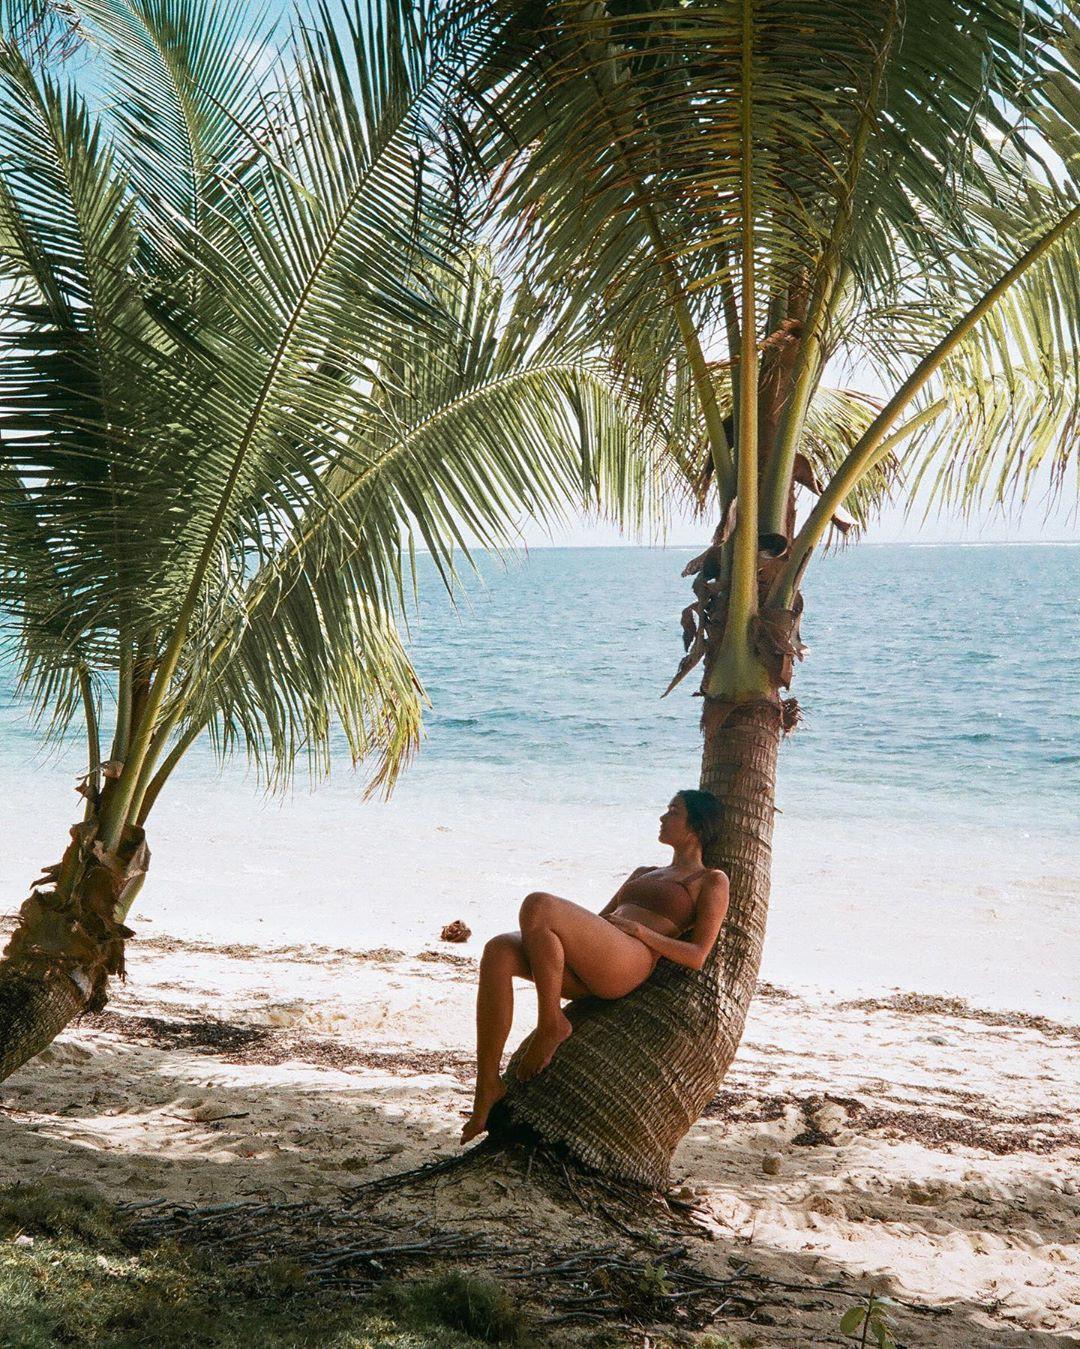 Vượt qua cả Bali và Hawaii, ốc đảo hình giọt nước kỳ lạ ở Philippines được tạp chí Mỹ bình chọn đẹp nhất thế giới - Ảnh 8.